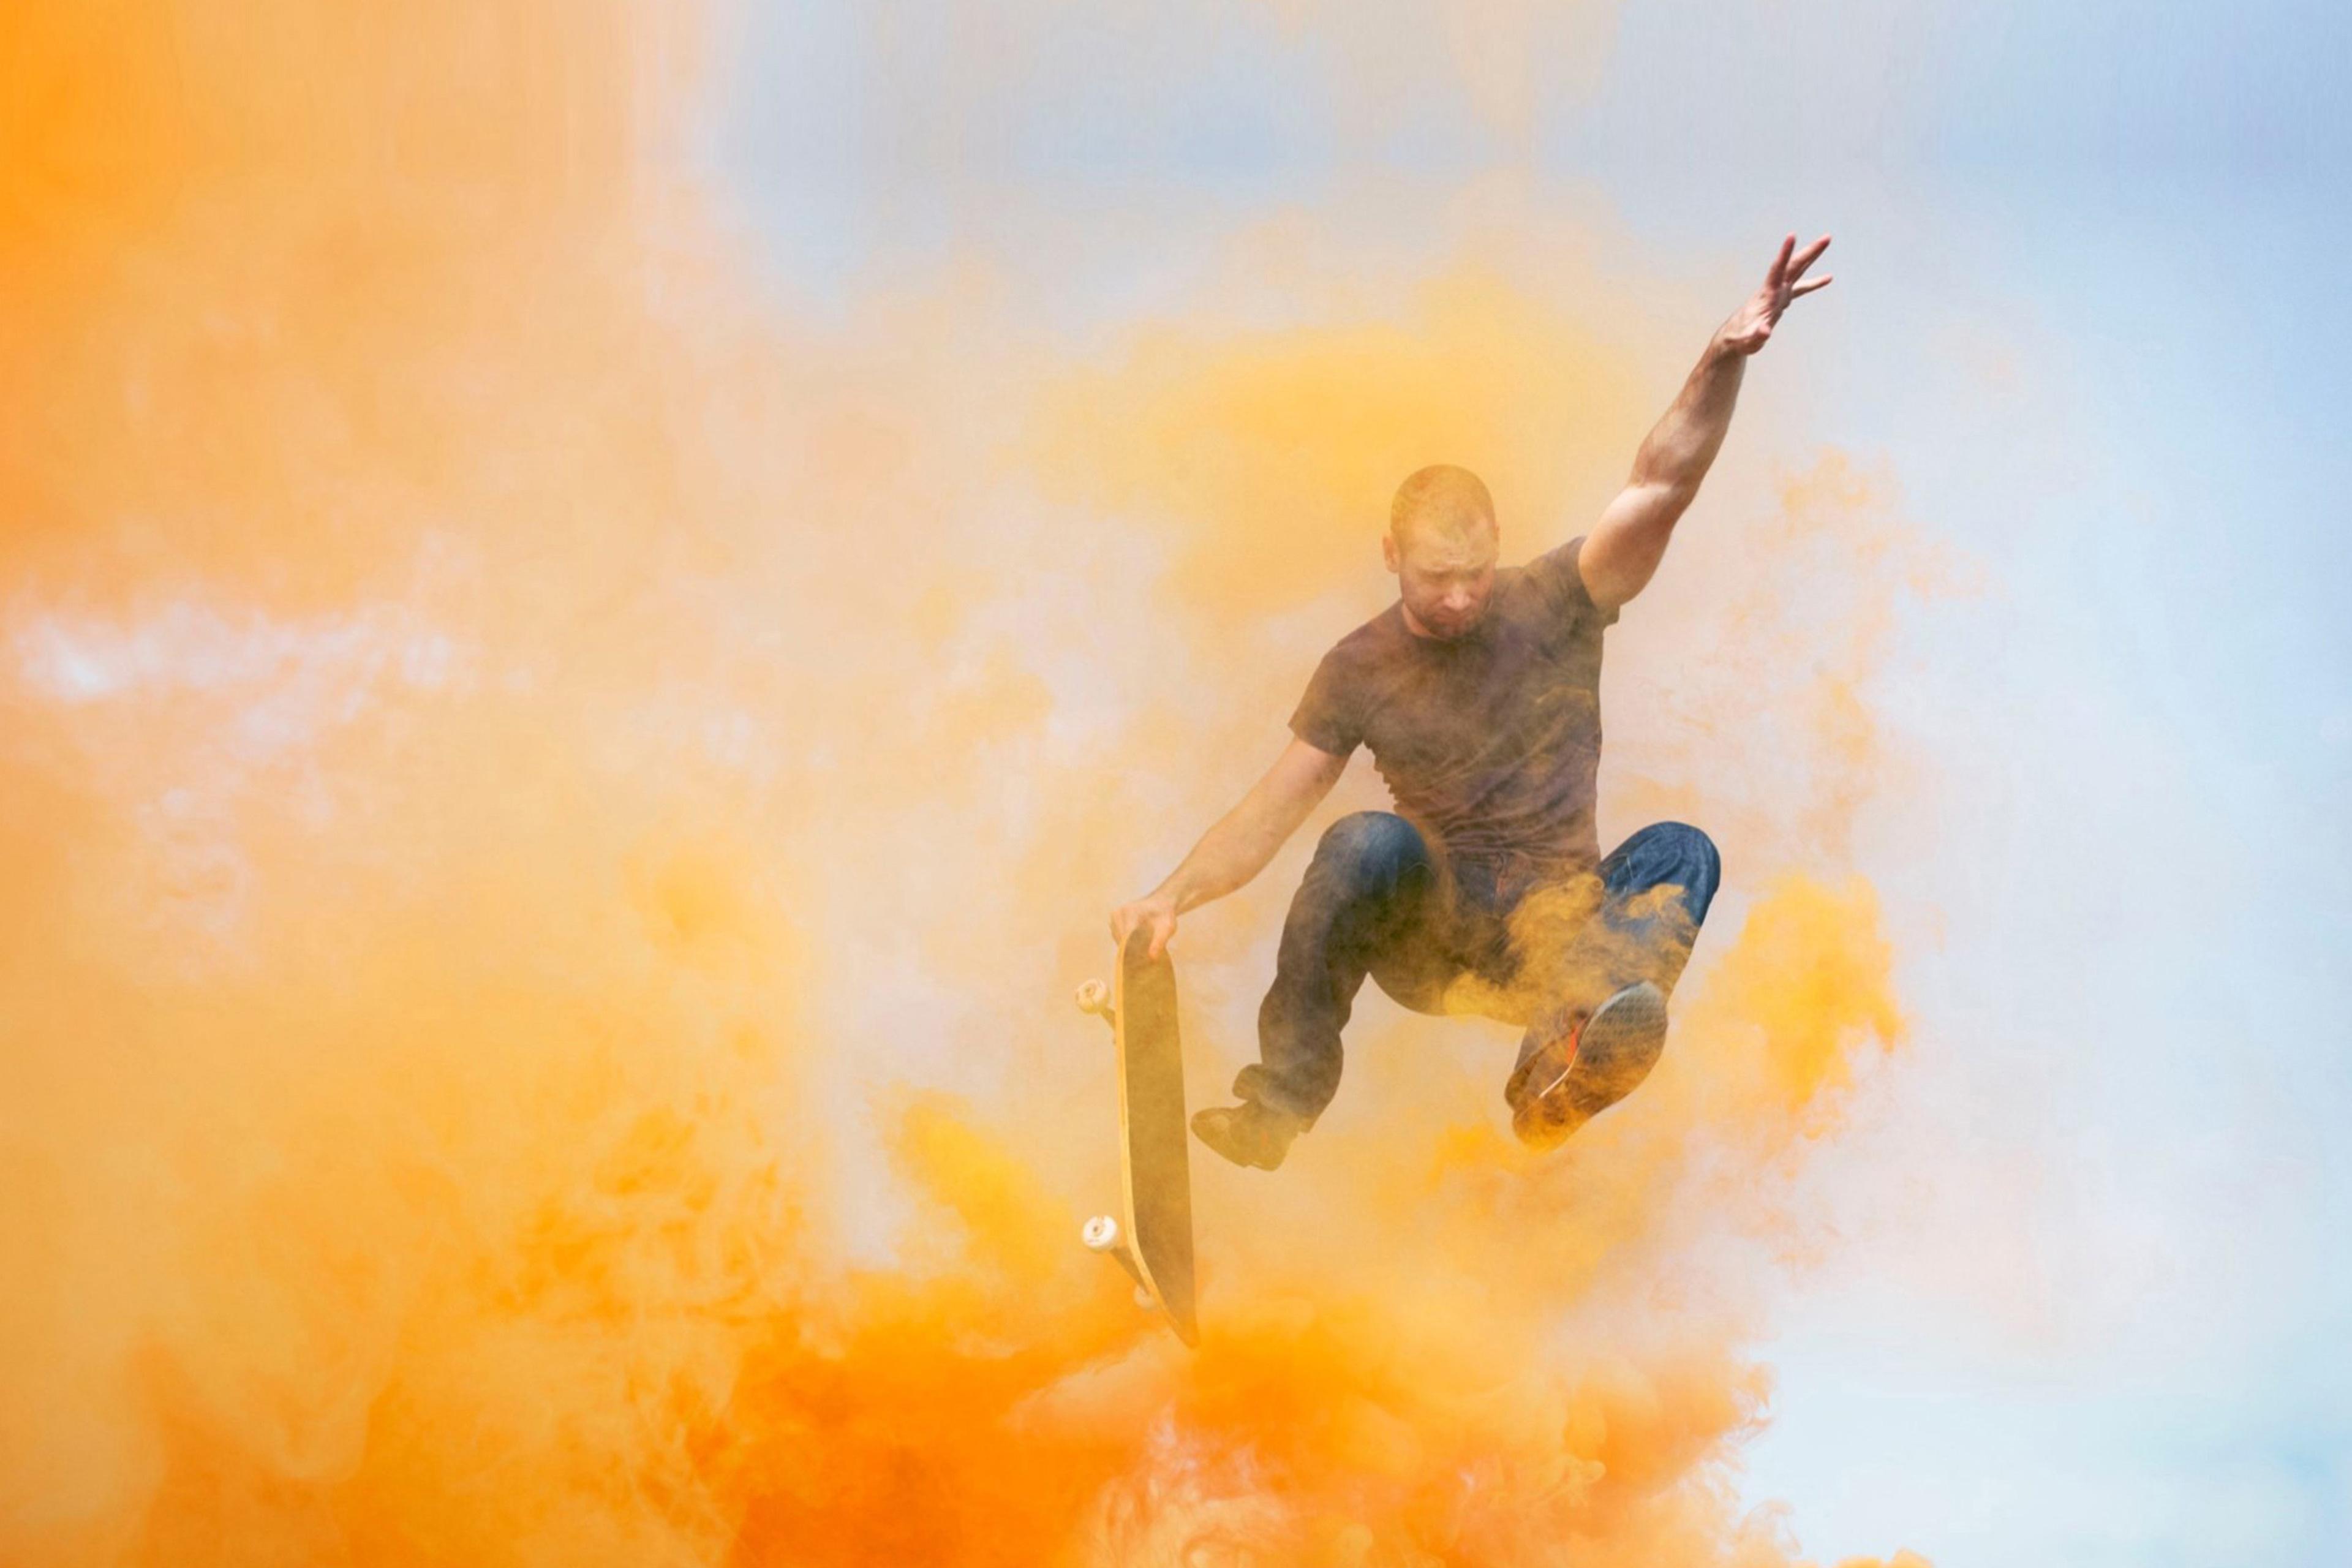 EY - Man jumping through orange smoke with skateboard